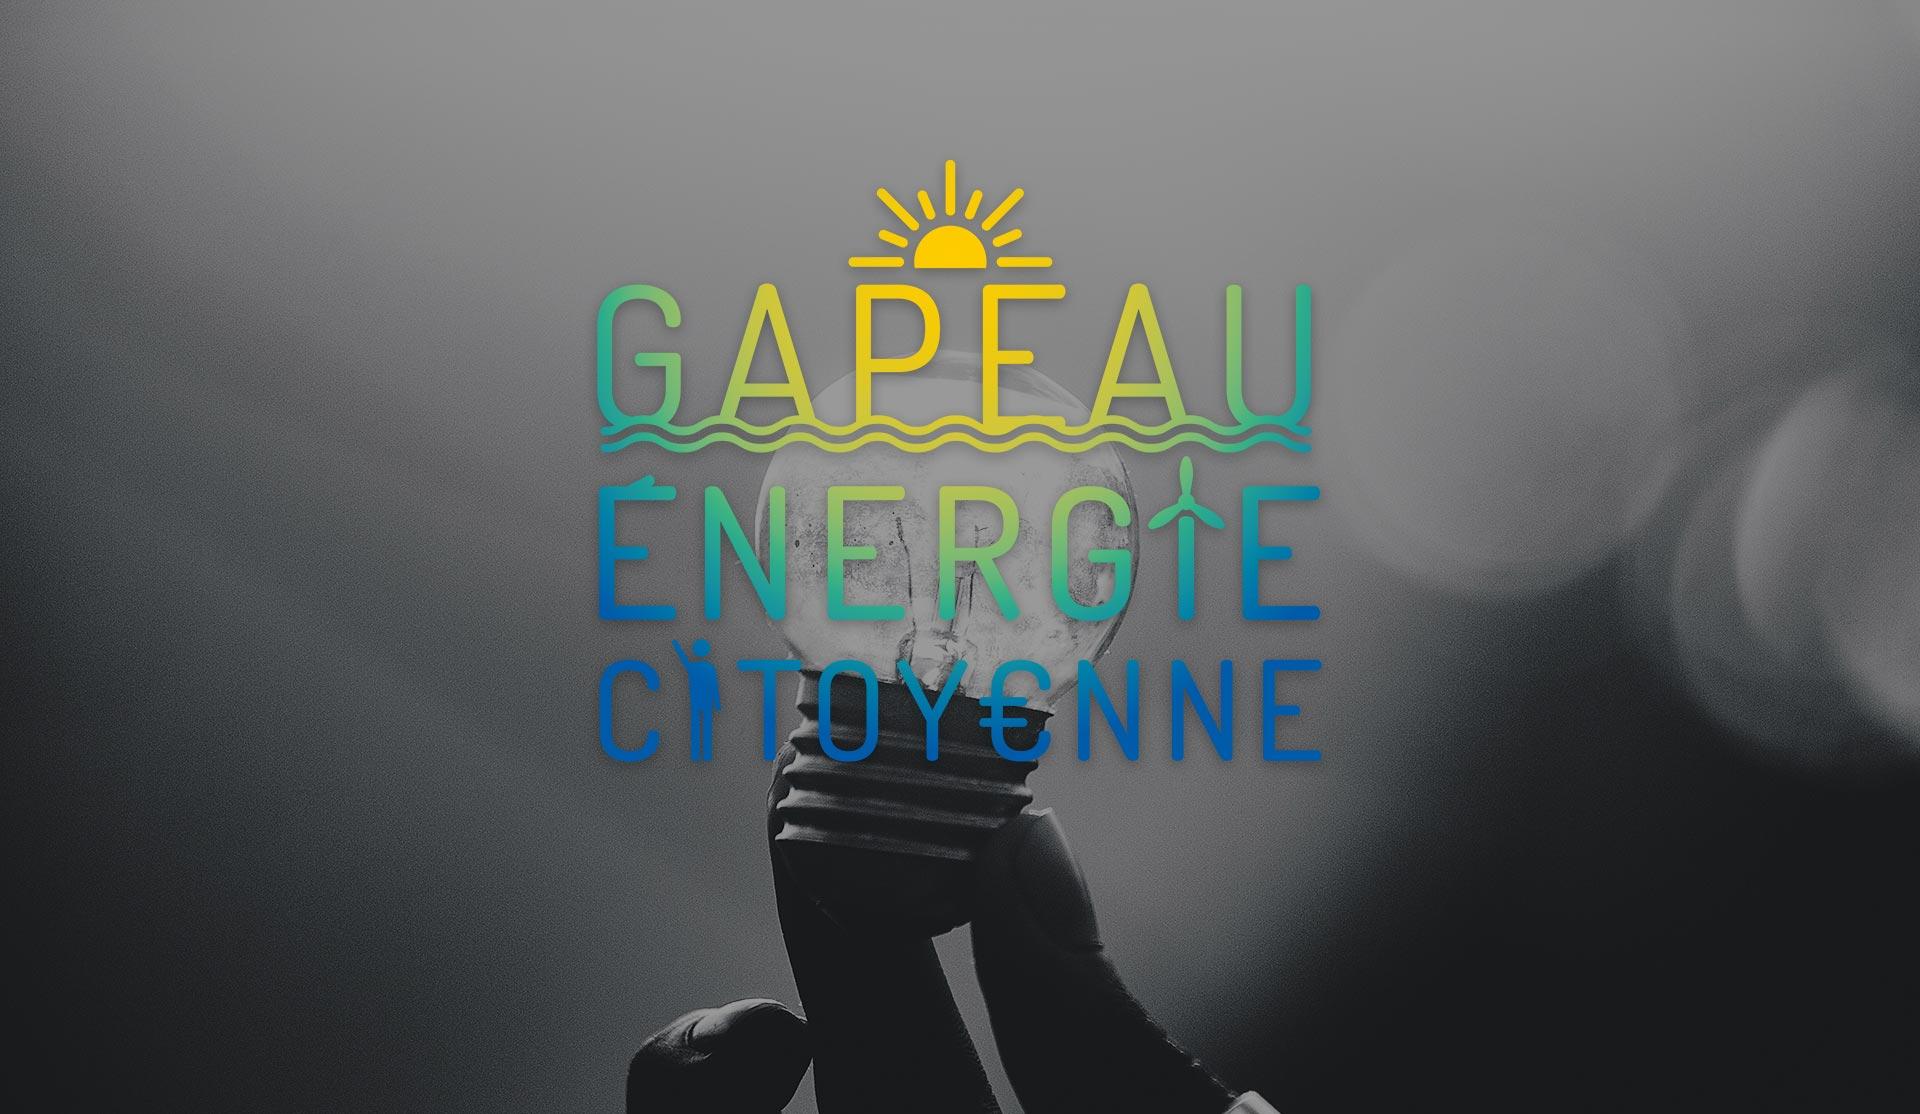 gapeau-energie-citoyenne_ampoule